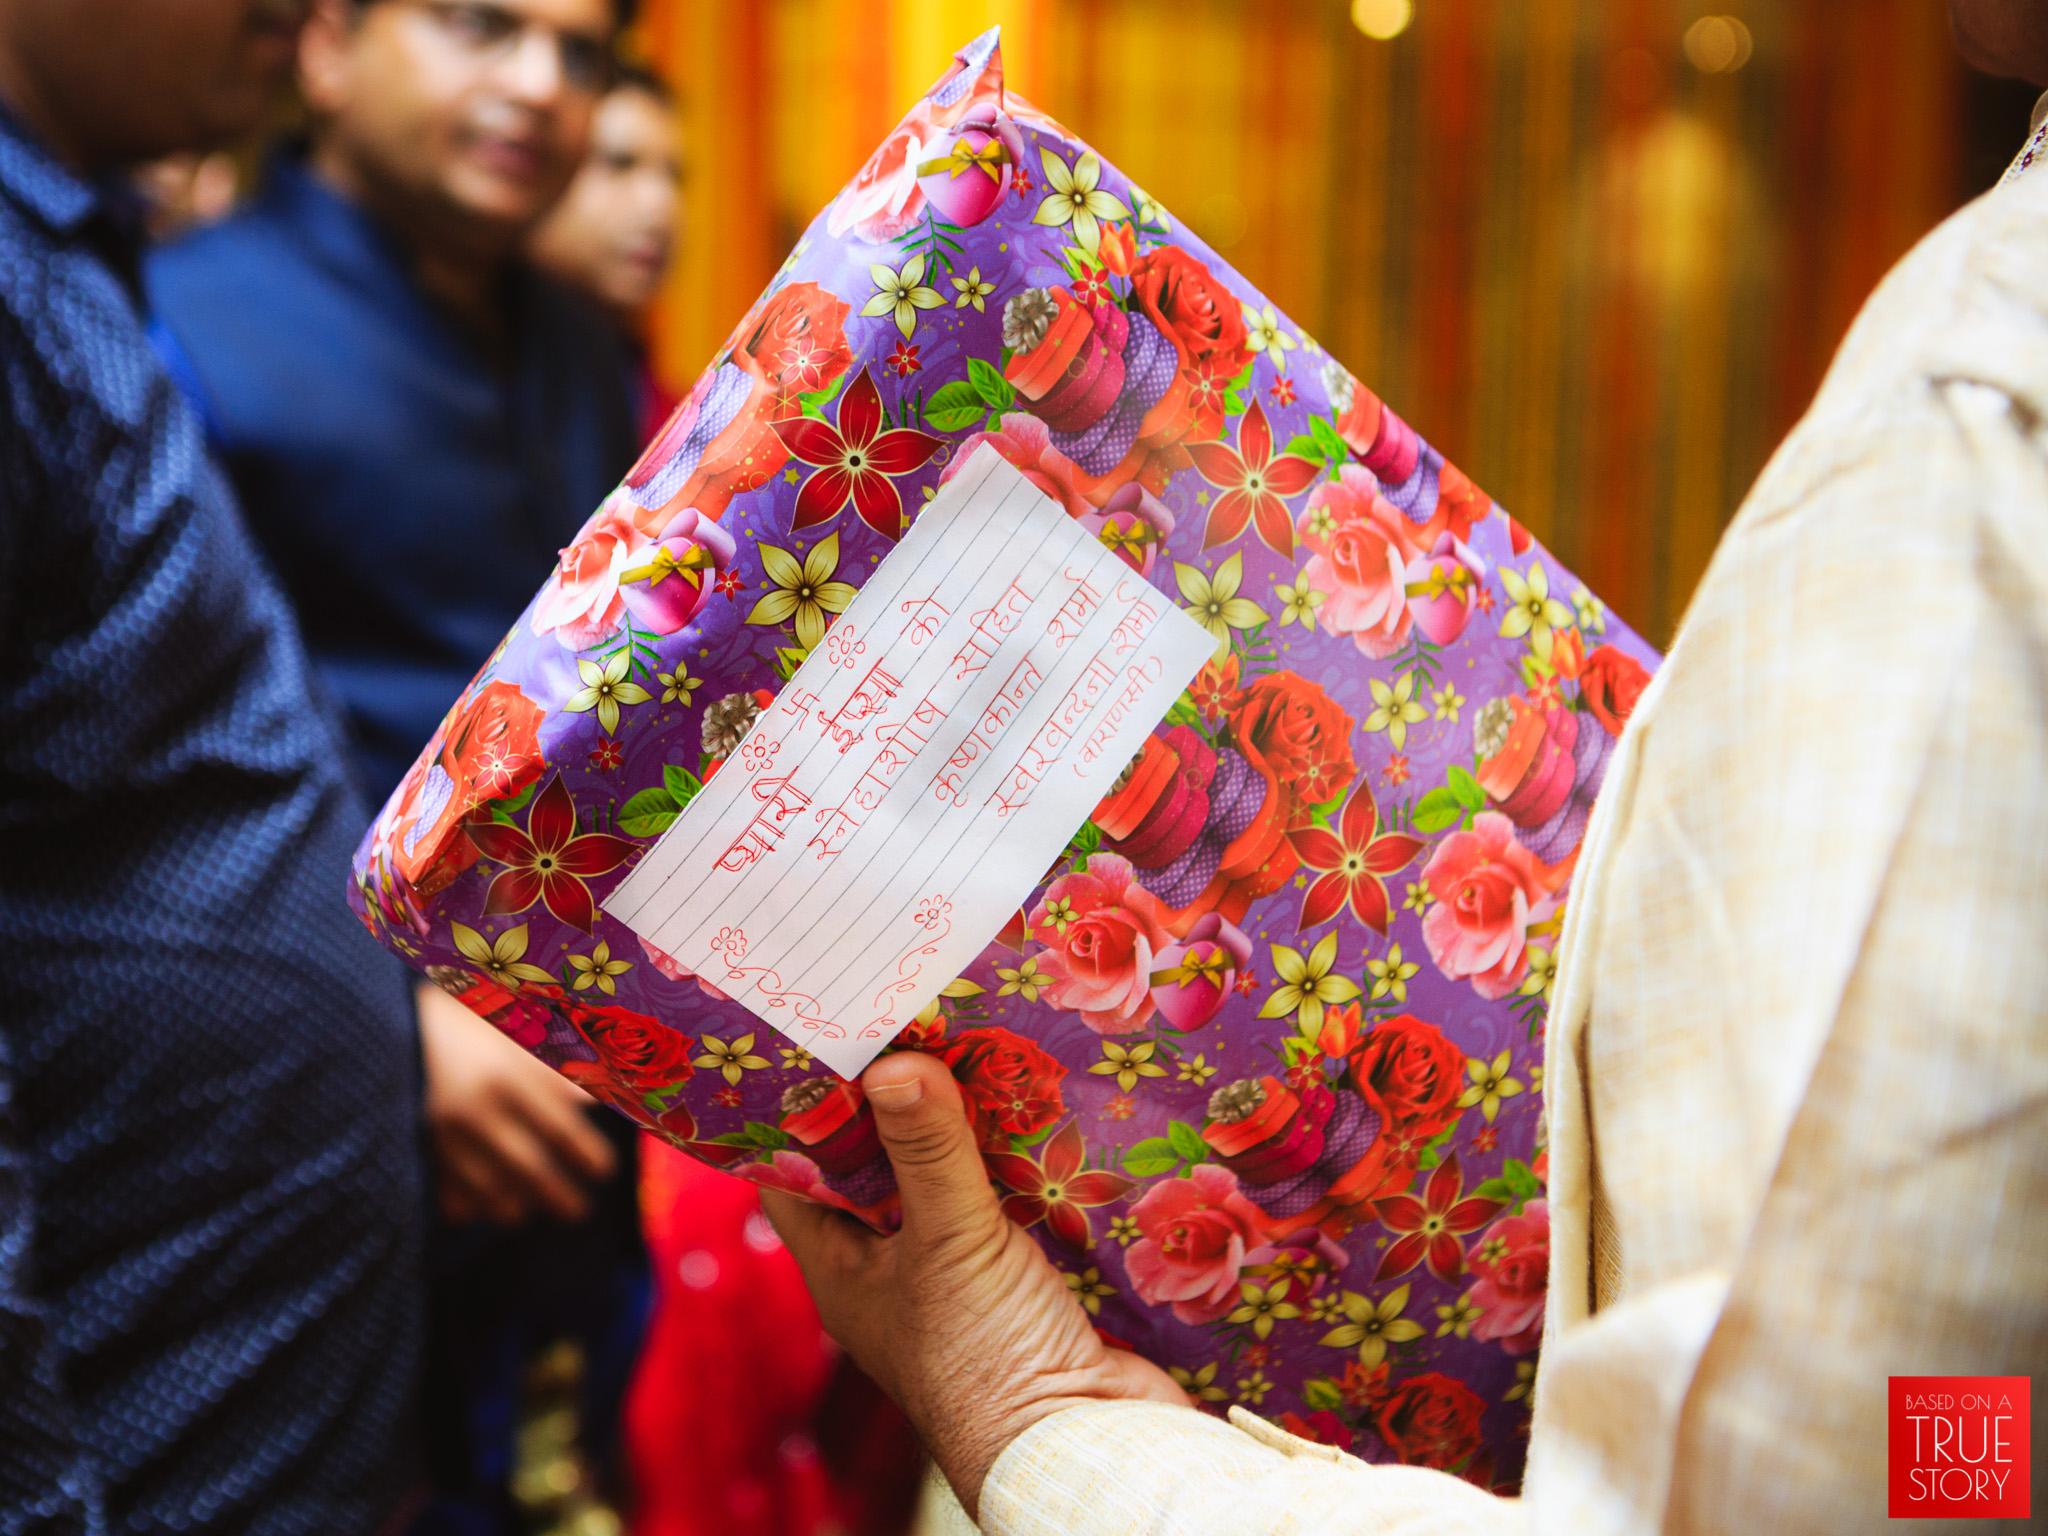 candid-wedding-photography-bhubaneswar-0079.jpg